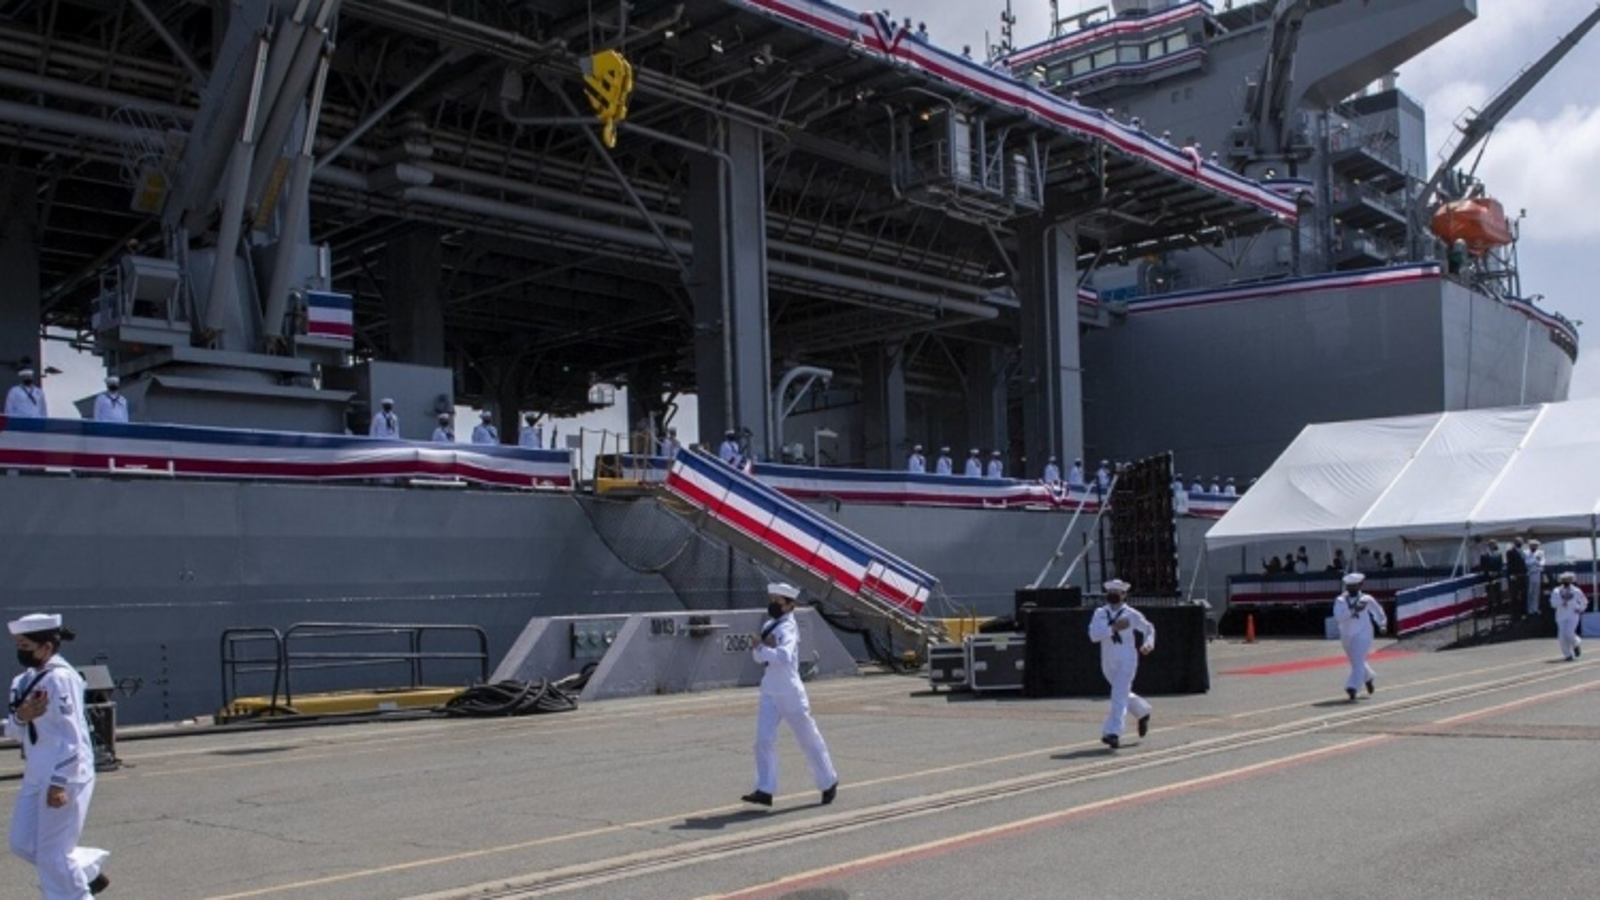 Căn cứ hải quân di động Mỹ sẽ thách thức trực tiếp tham vọng của Trung Quốc ở Biển Đông?